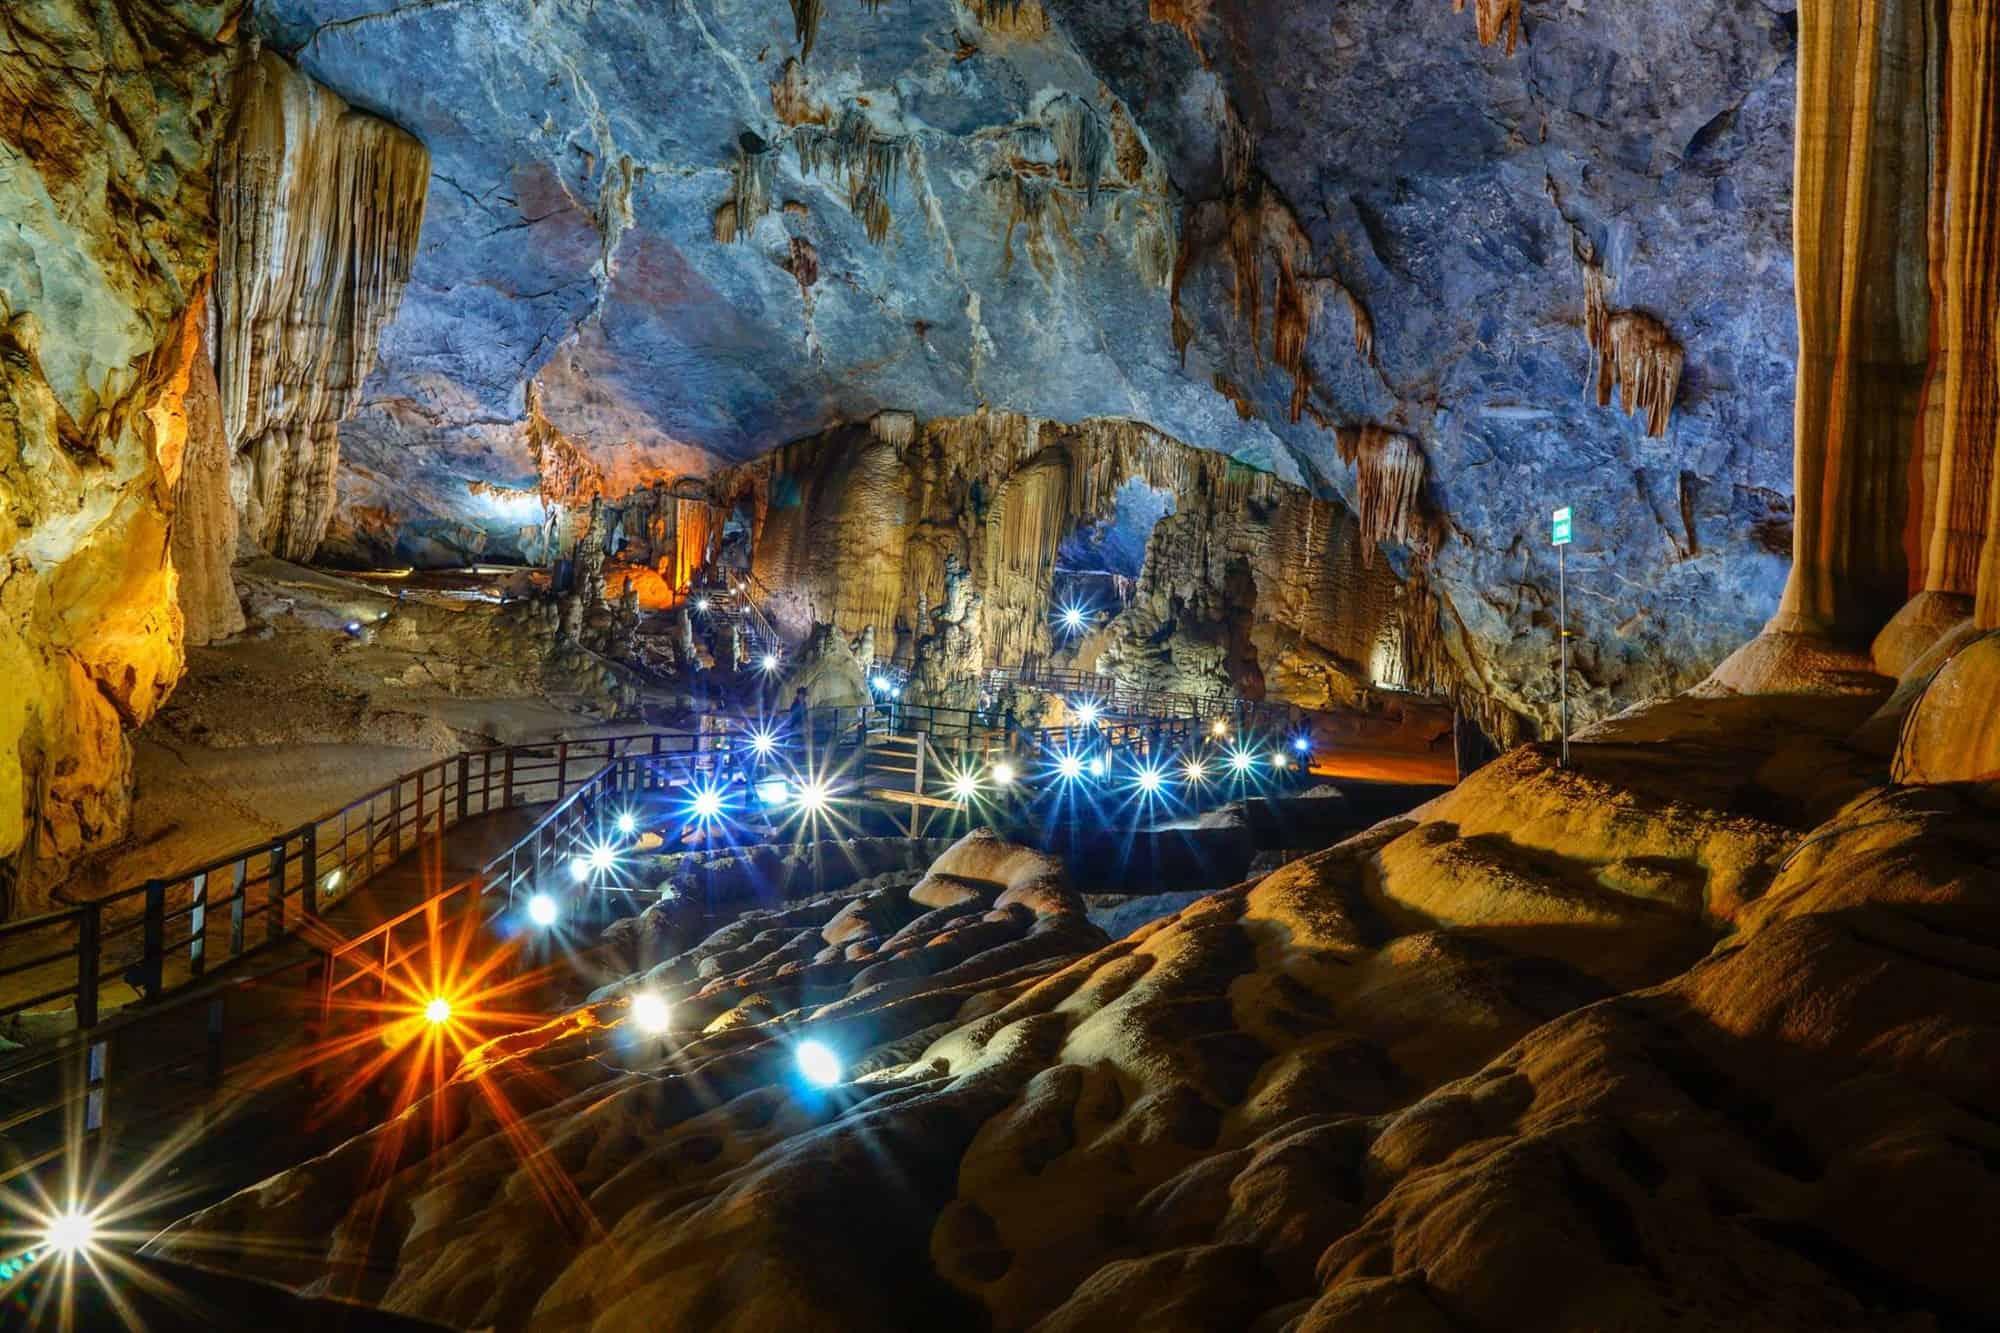 Động Thiên Đường đẹp xuất sắc của các nhũ đá và măng đá bên trong. Hình: Phong Nha Explorer